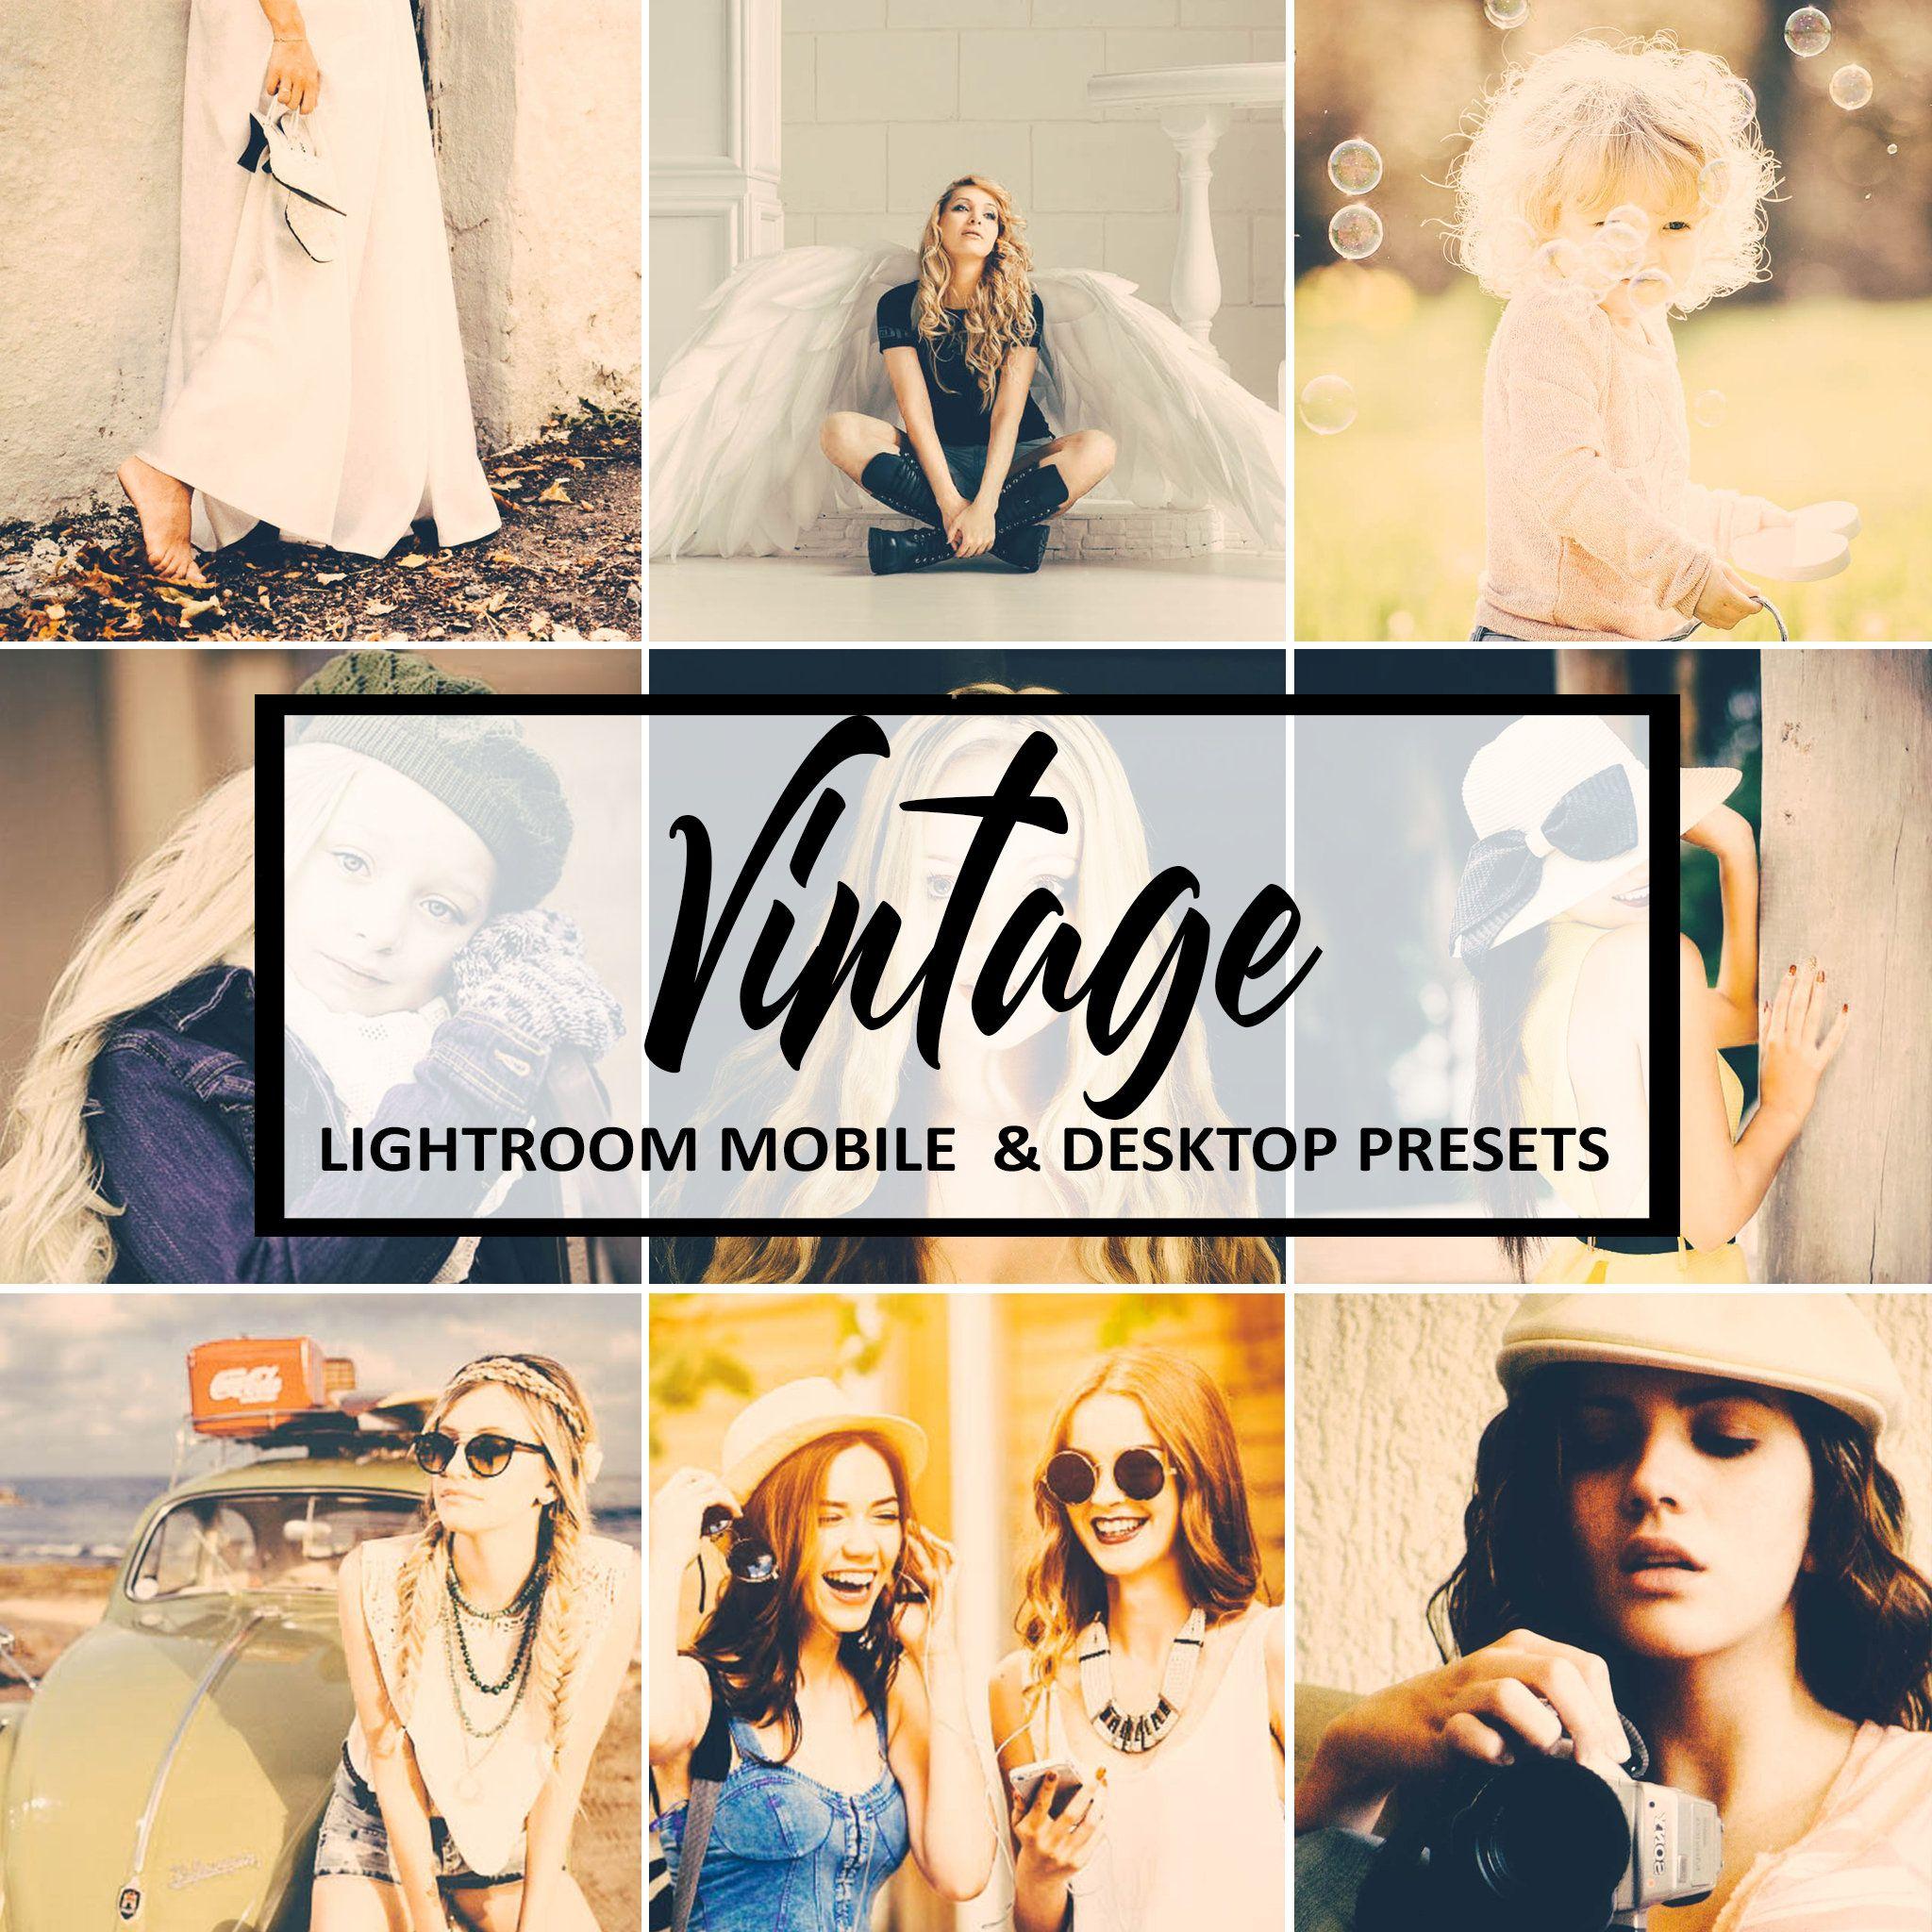 Lightroom Mobile Presets Vintage Preset Vsco Presets Warm Etsy Lightroom Lightroom Presets Presets